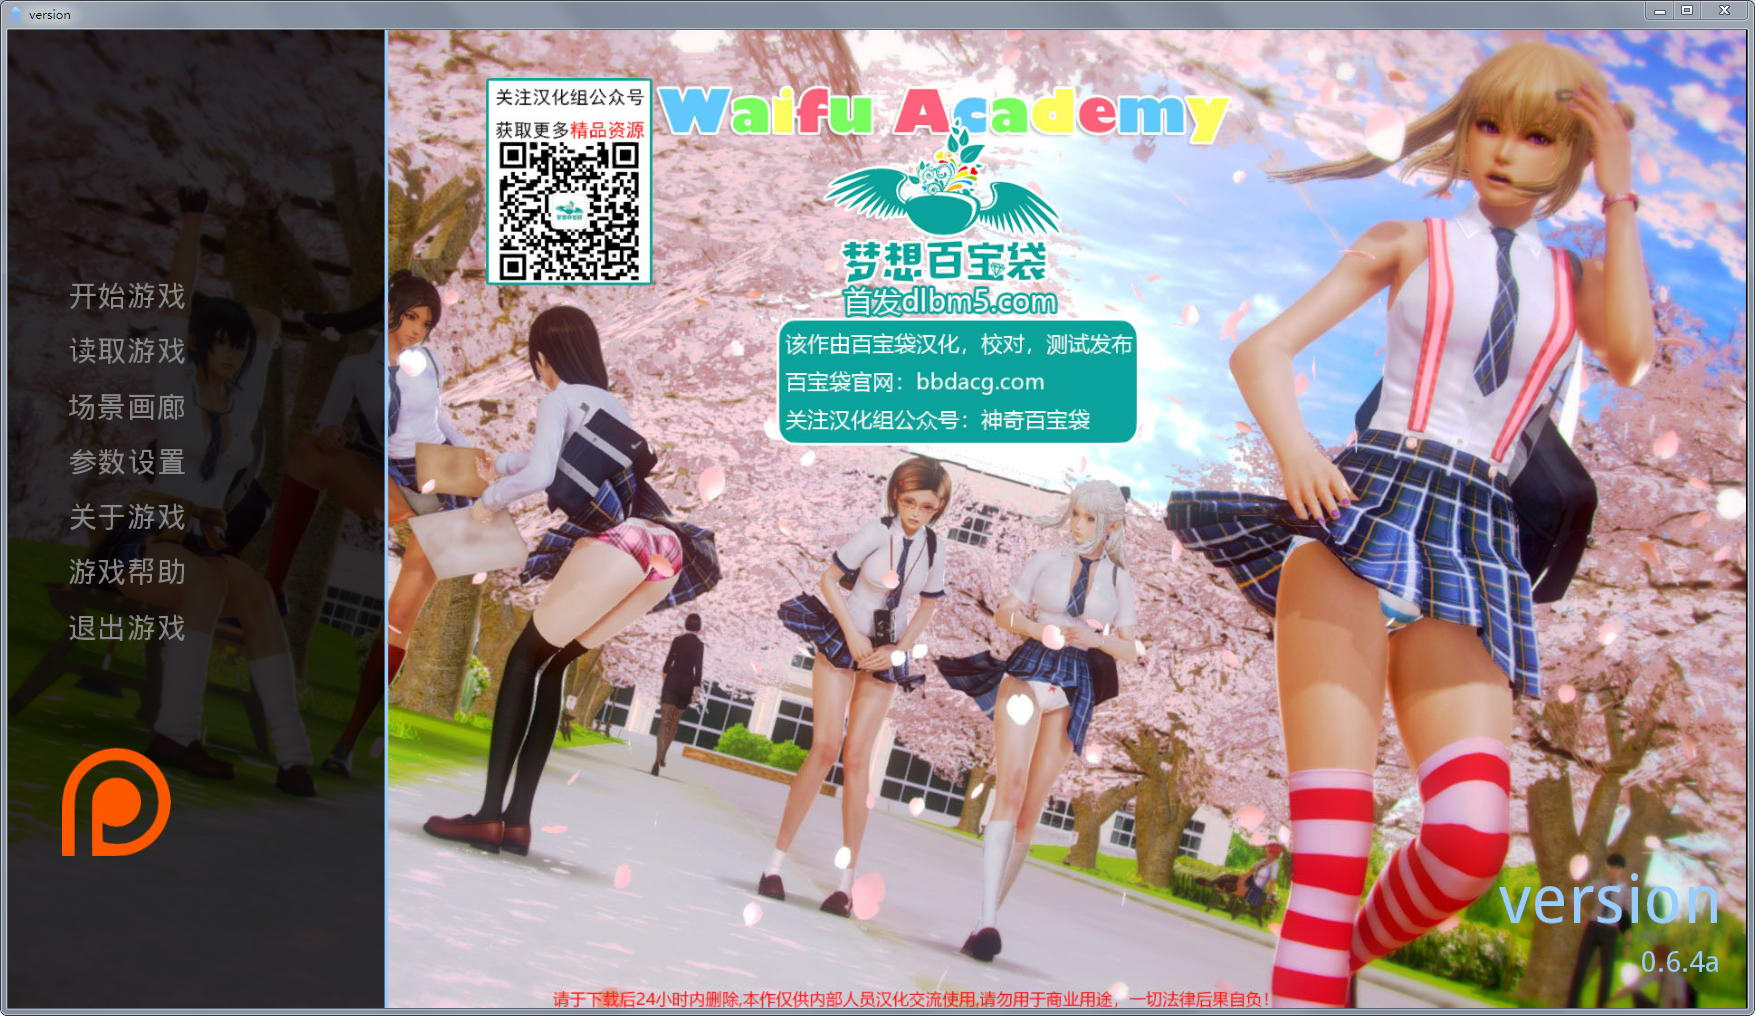 【欧美SLG/汉化/全动态】[百宝袋] 二次元老婆学院 V0.64a 汉化版【更新/PC+安卓版】【4.2G】